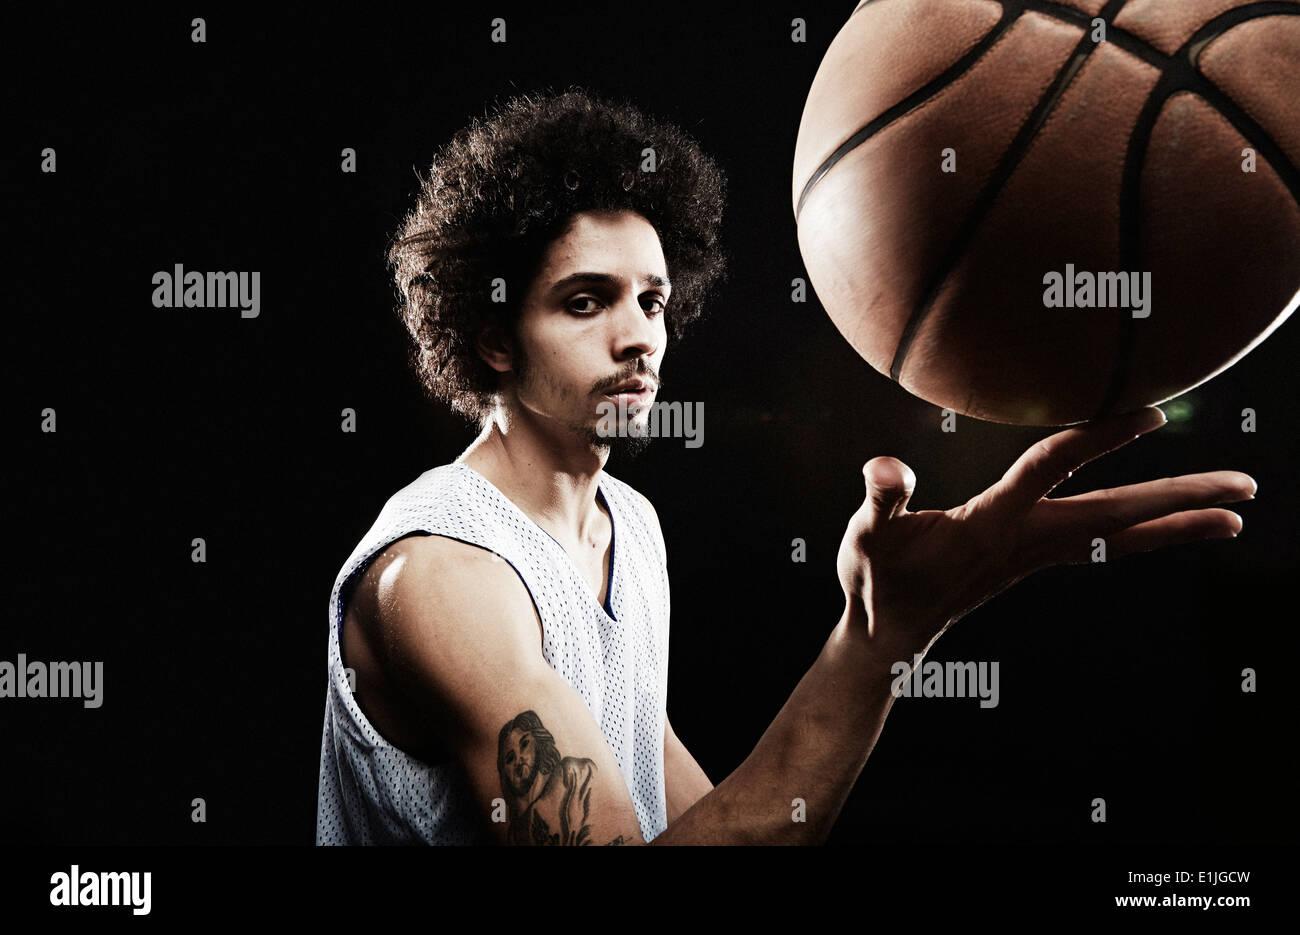 El jugador de baloncesto baloncesto equilibrado sobre el dedo Imagen De Stock